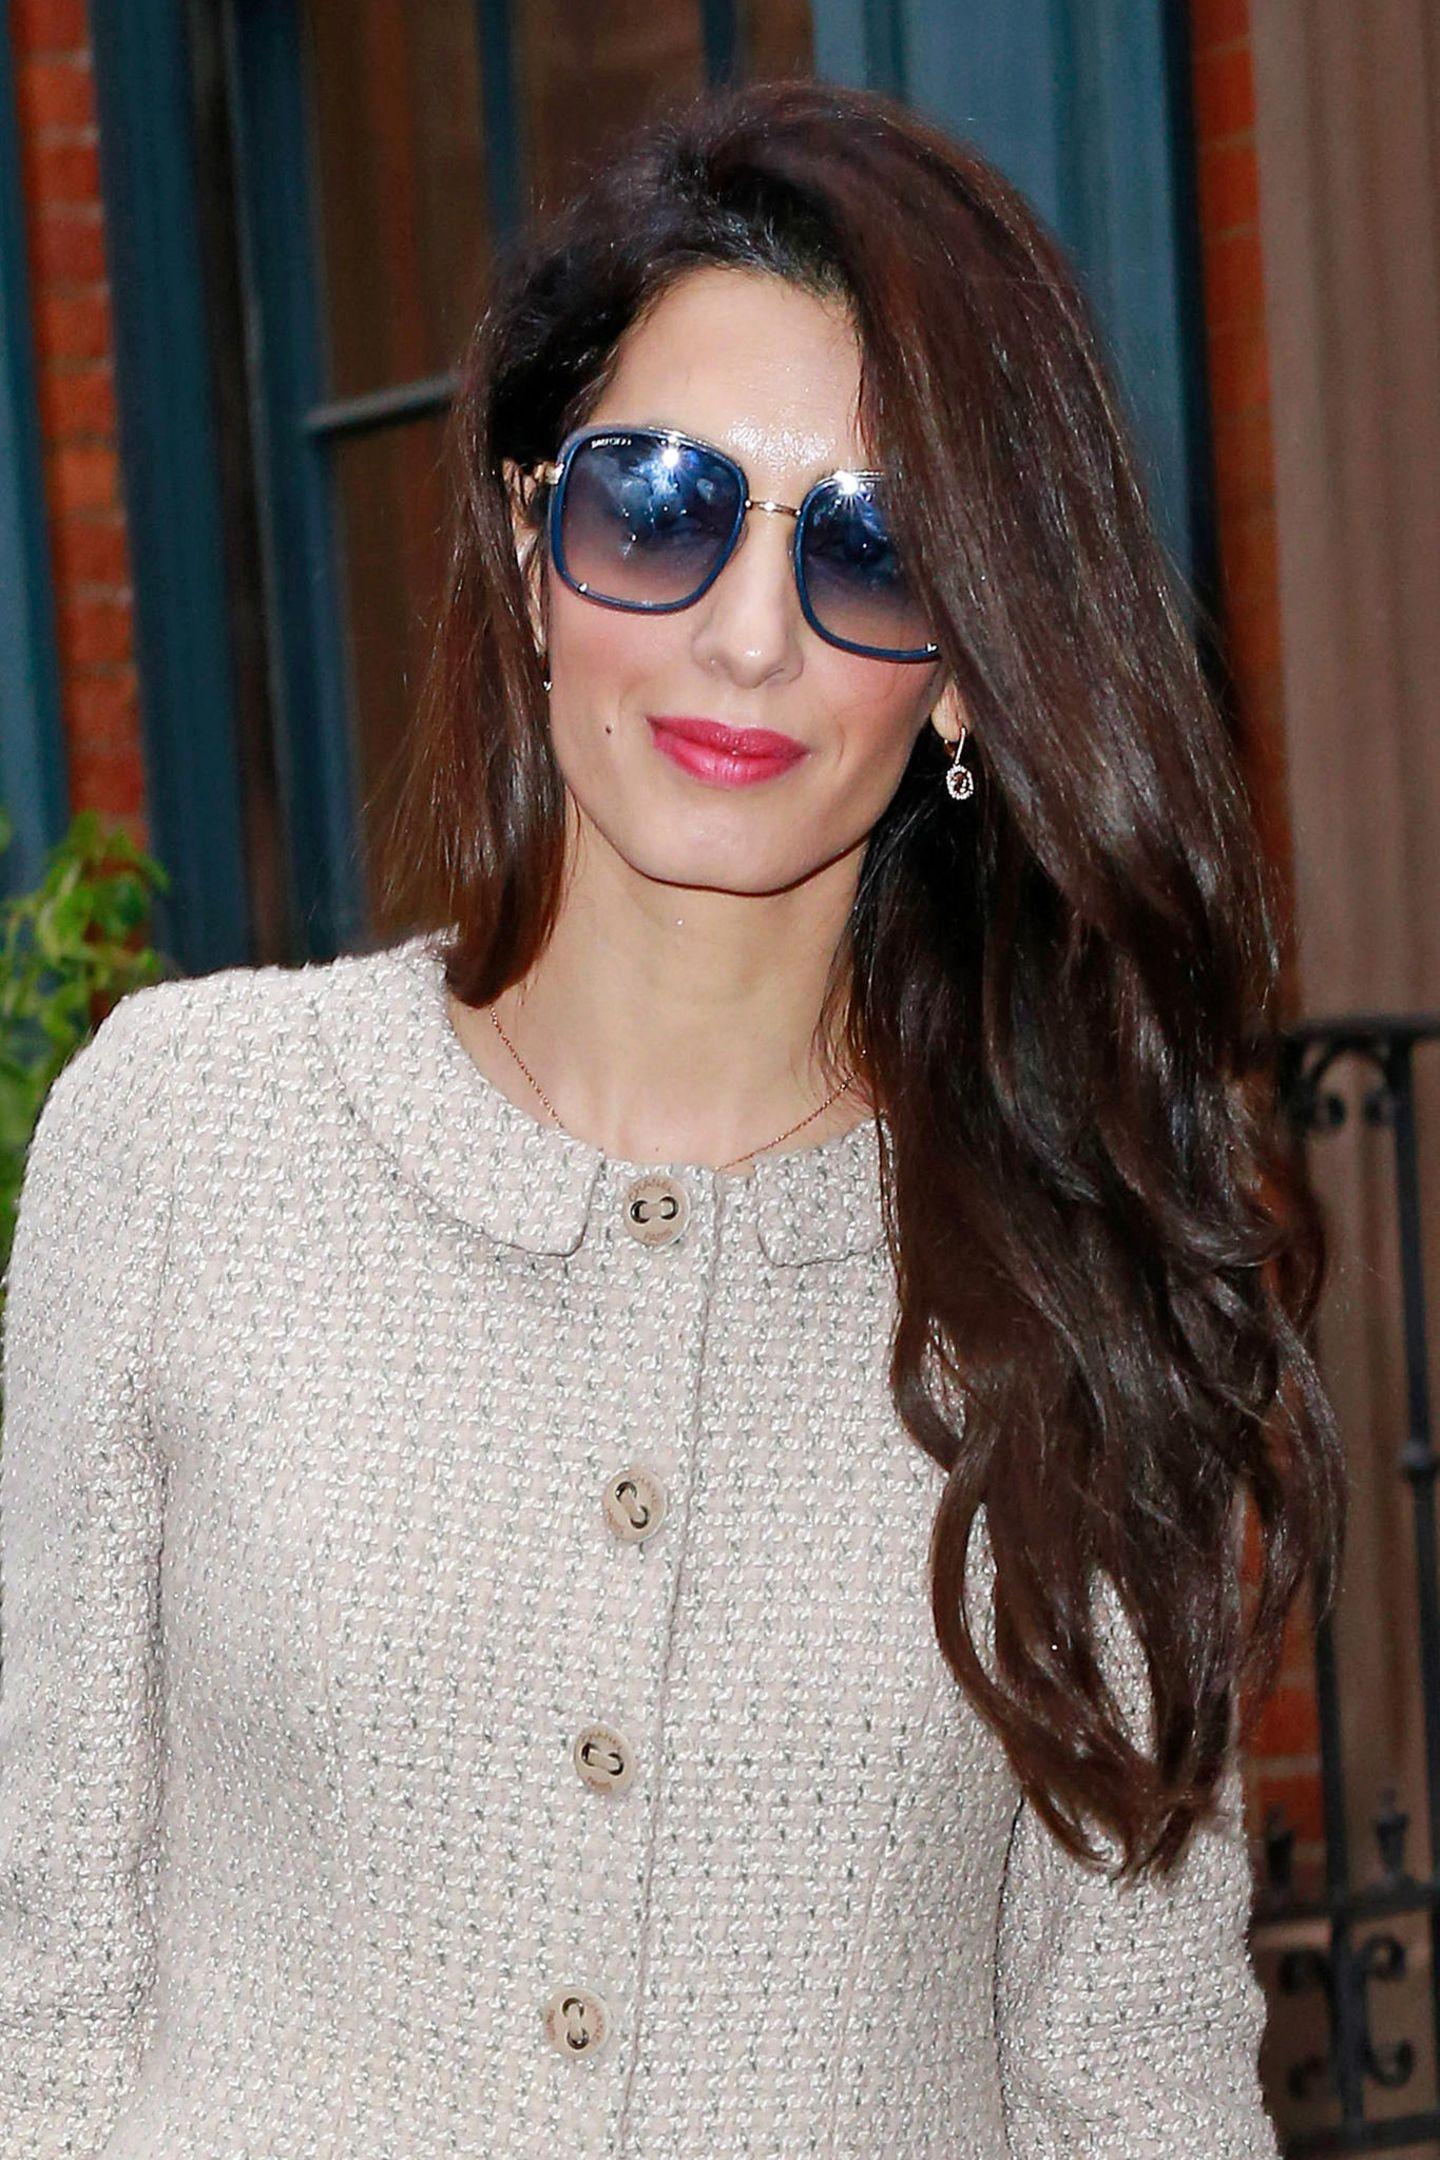 Auf den Knöpfen ist das Label des eleganten Second-Hand-Zweiteilers zu lesen: Chanel Paris. Passend dazu trägt Amal eine Sonnenbrille im dezenten Retro-Look und sicher nicht ganz günstige Diamant-Ohrringe.